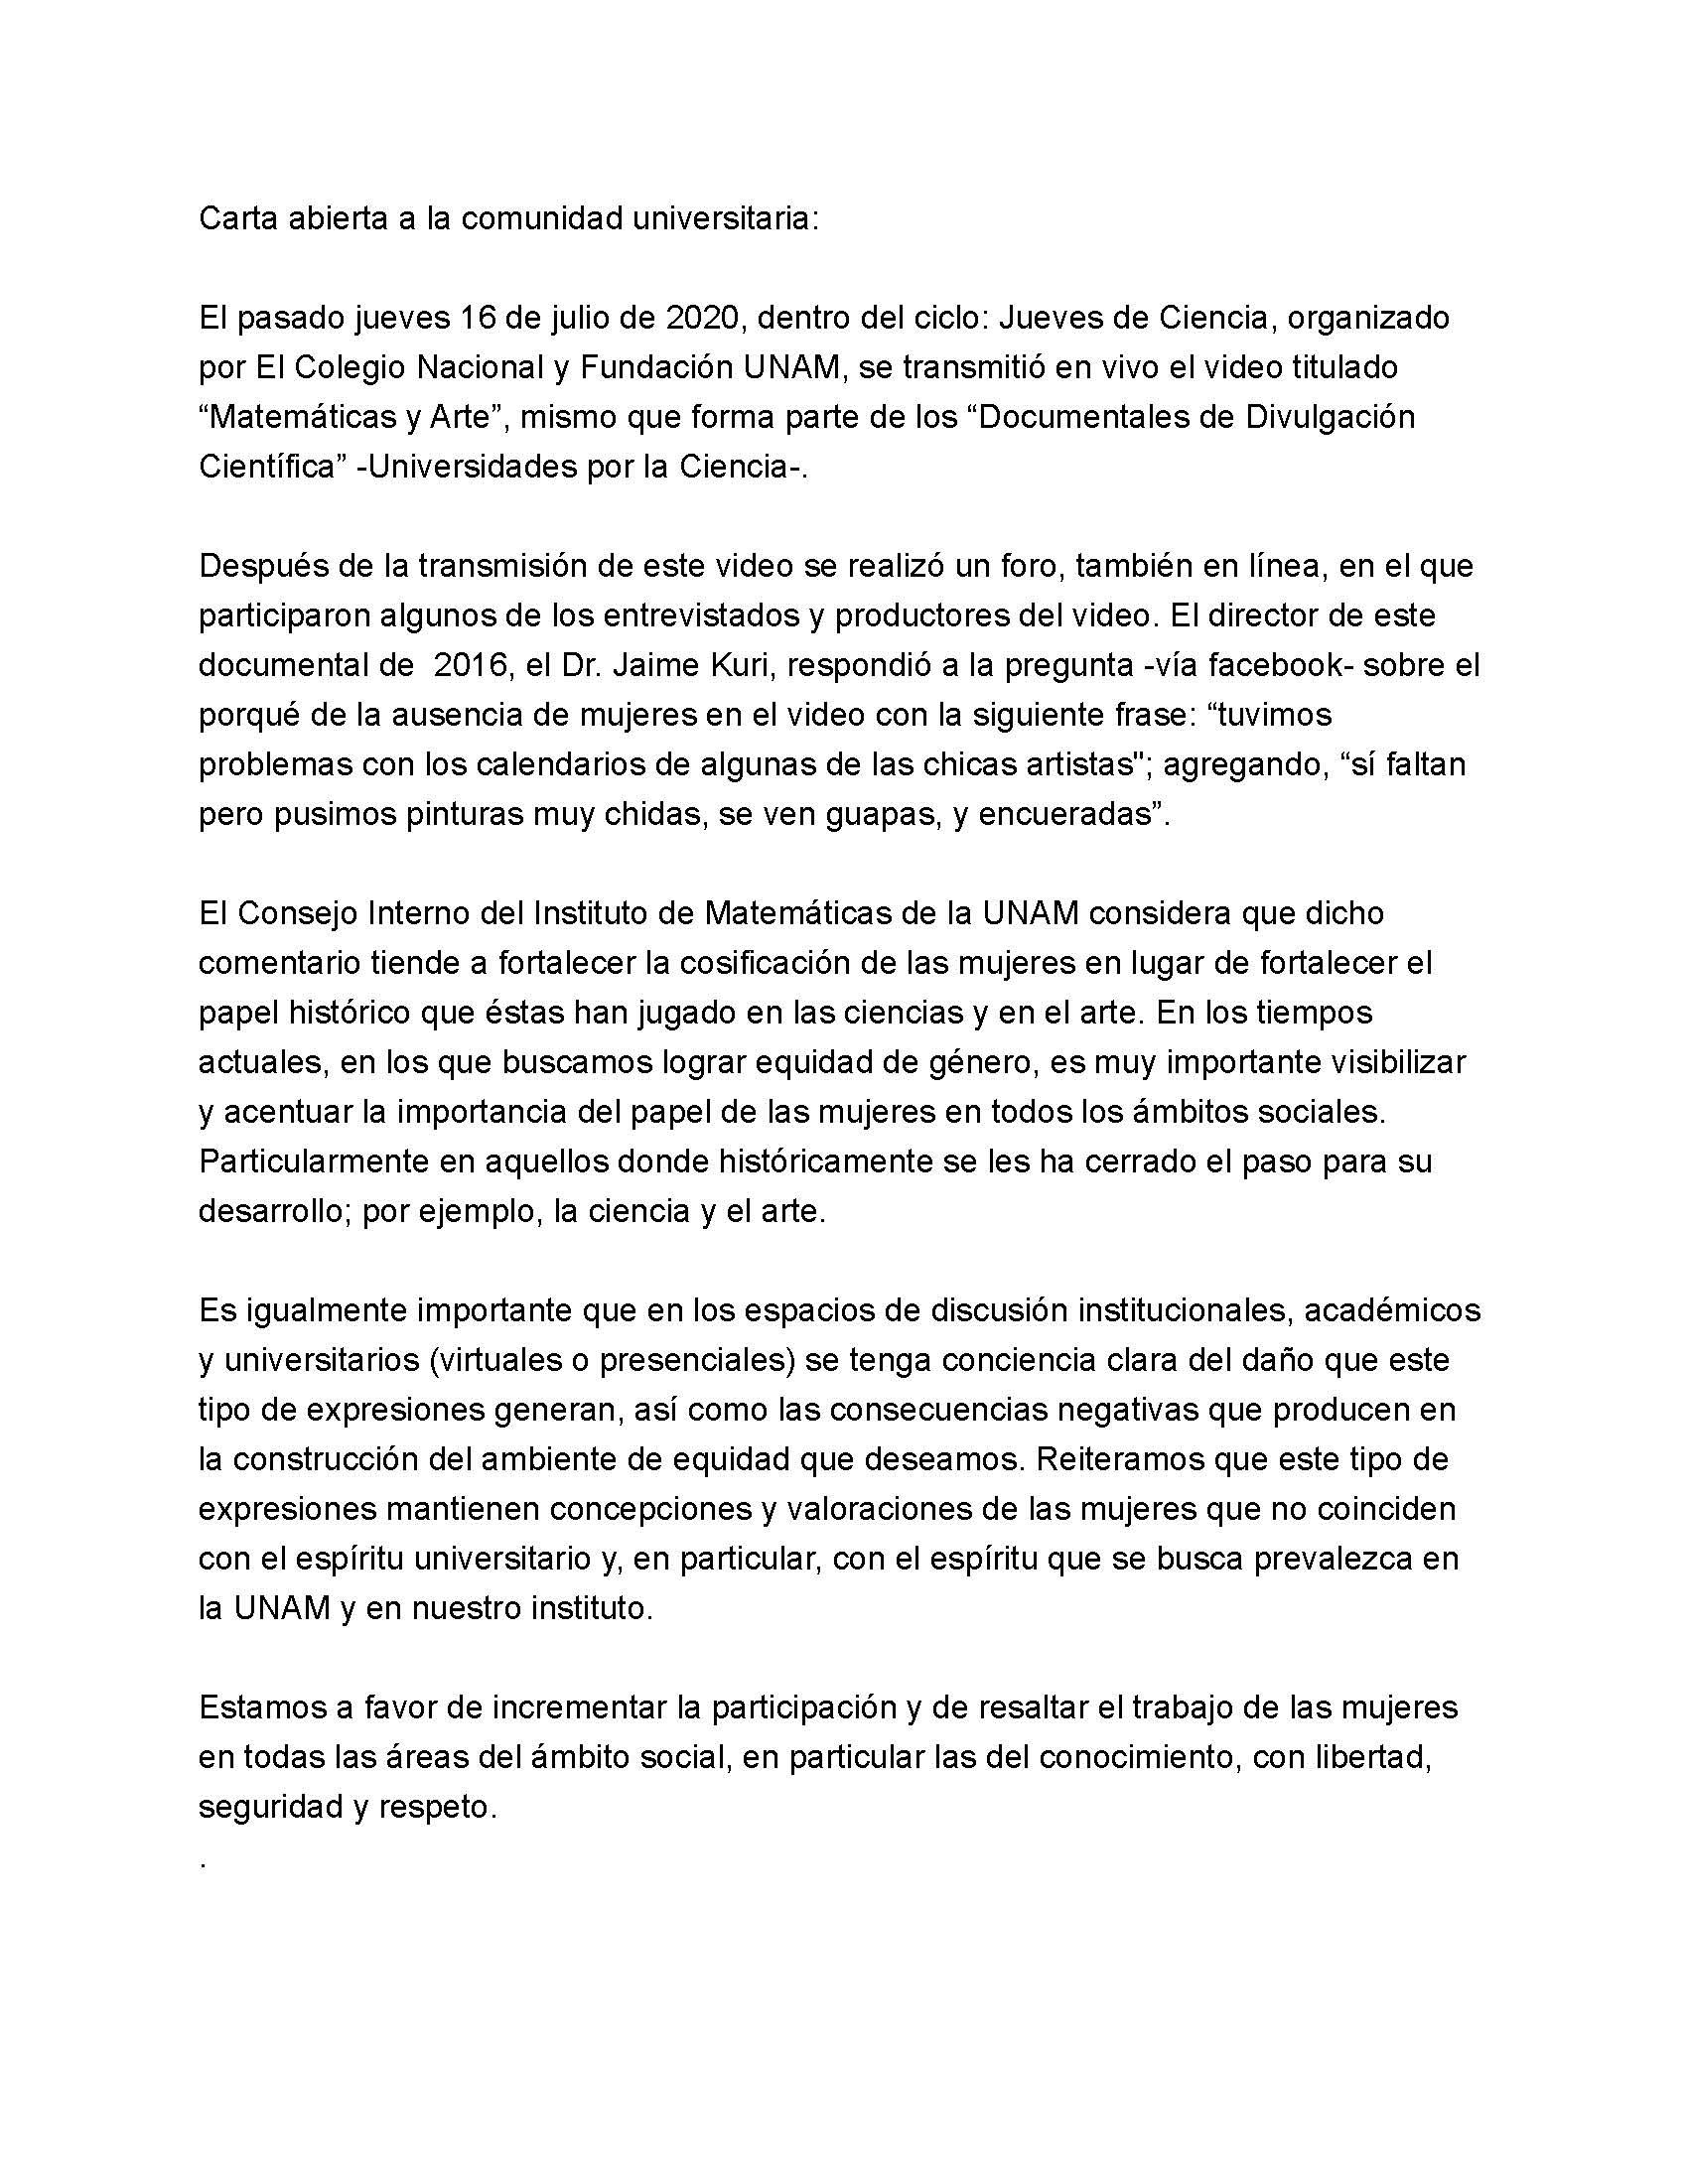 """Carta abierta a la comunidad universitaria sobre el pasado #JuevesDeCiencia en que se transmitió el documental """"Matemáticas y Arte"""" dirigido por Jaime Kuri"""